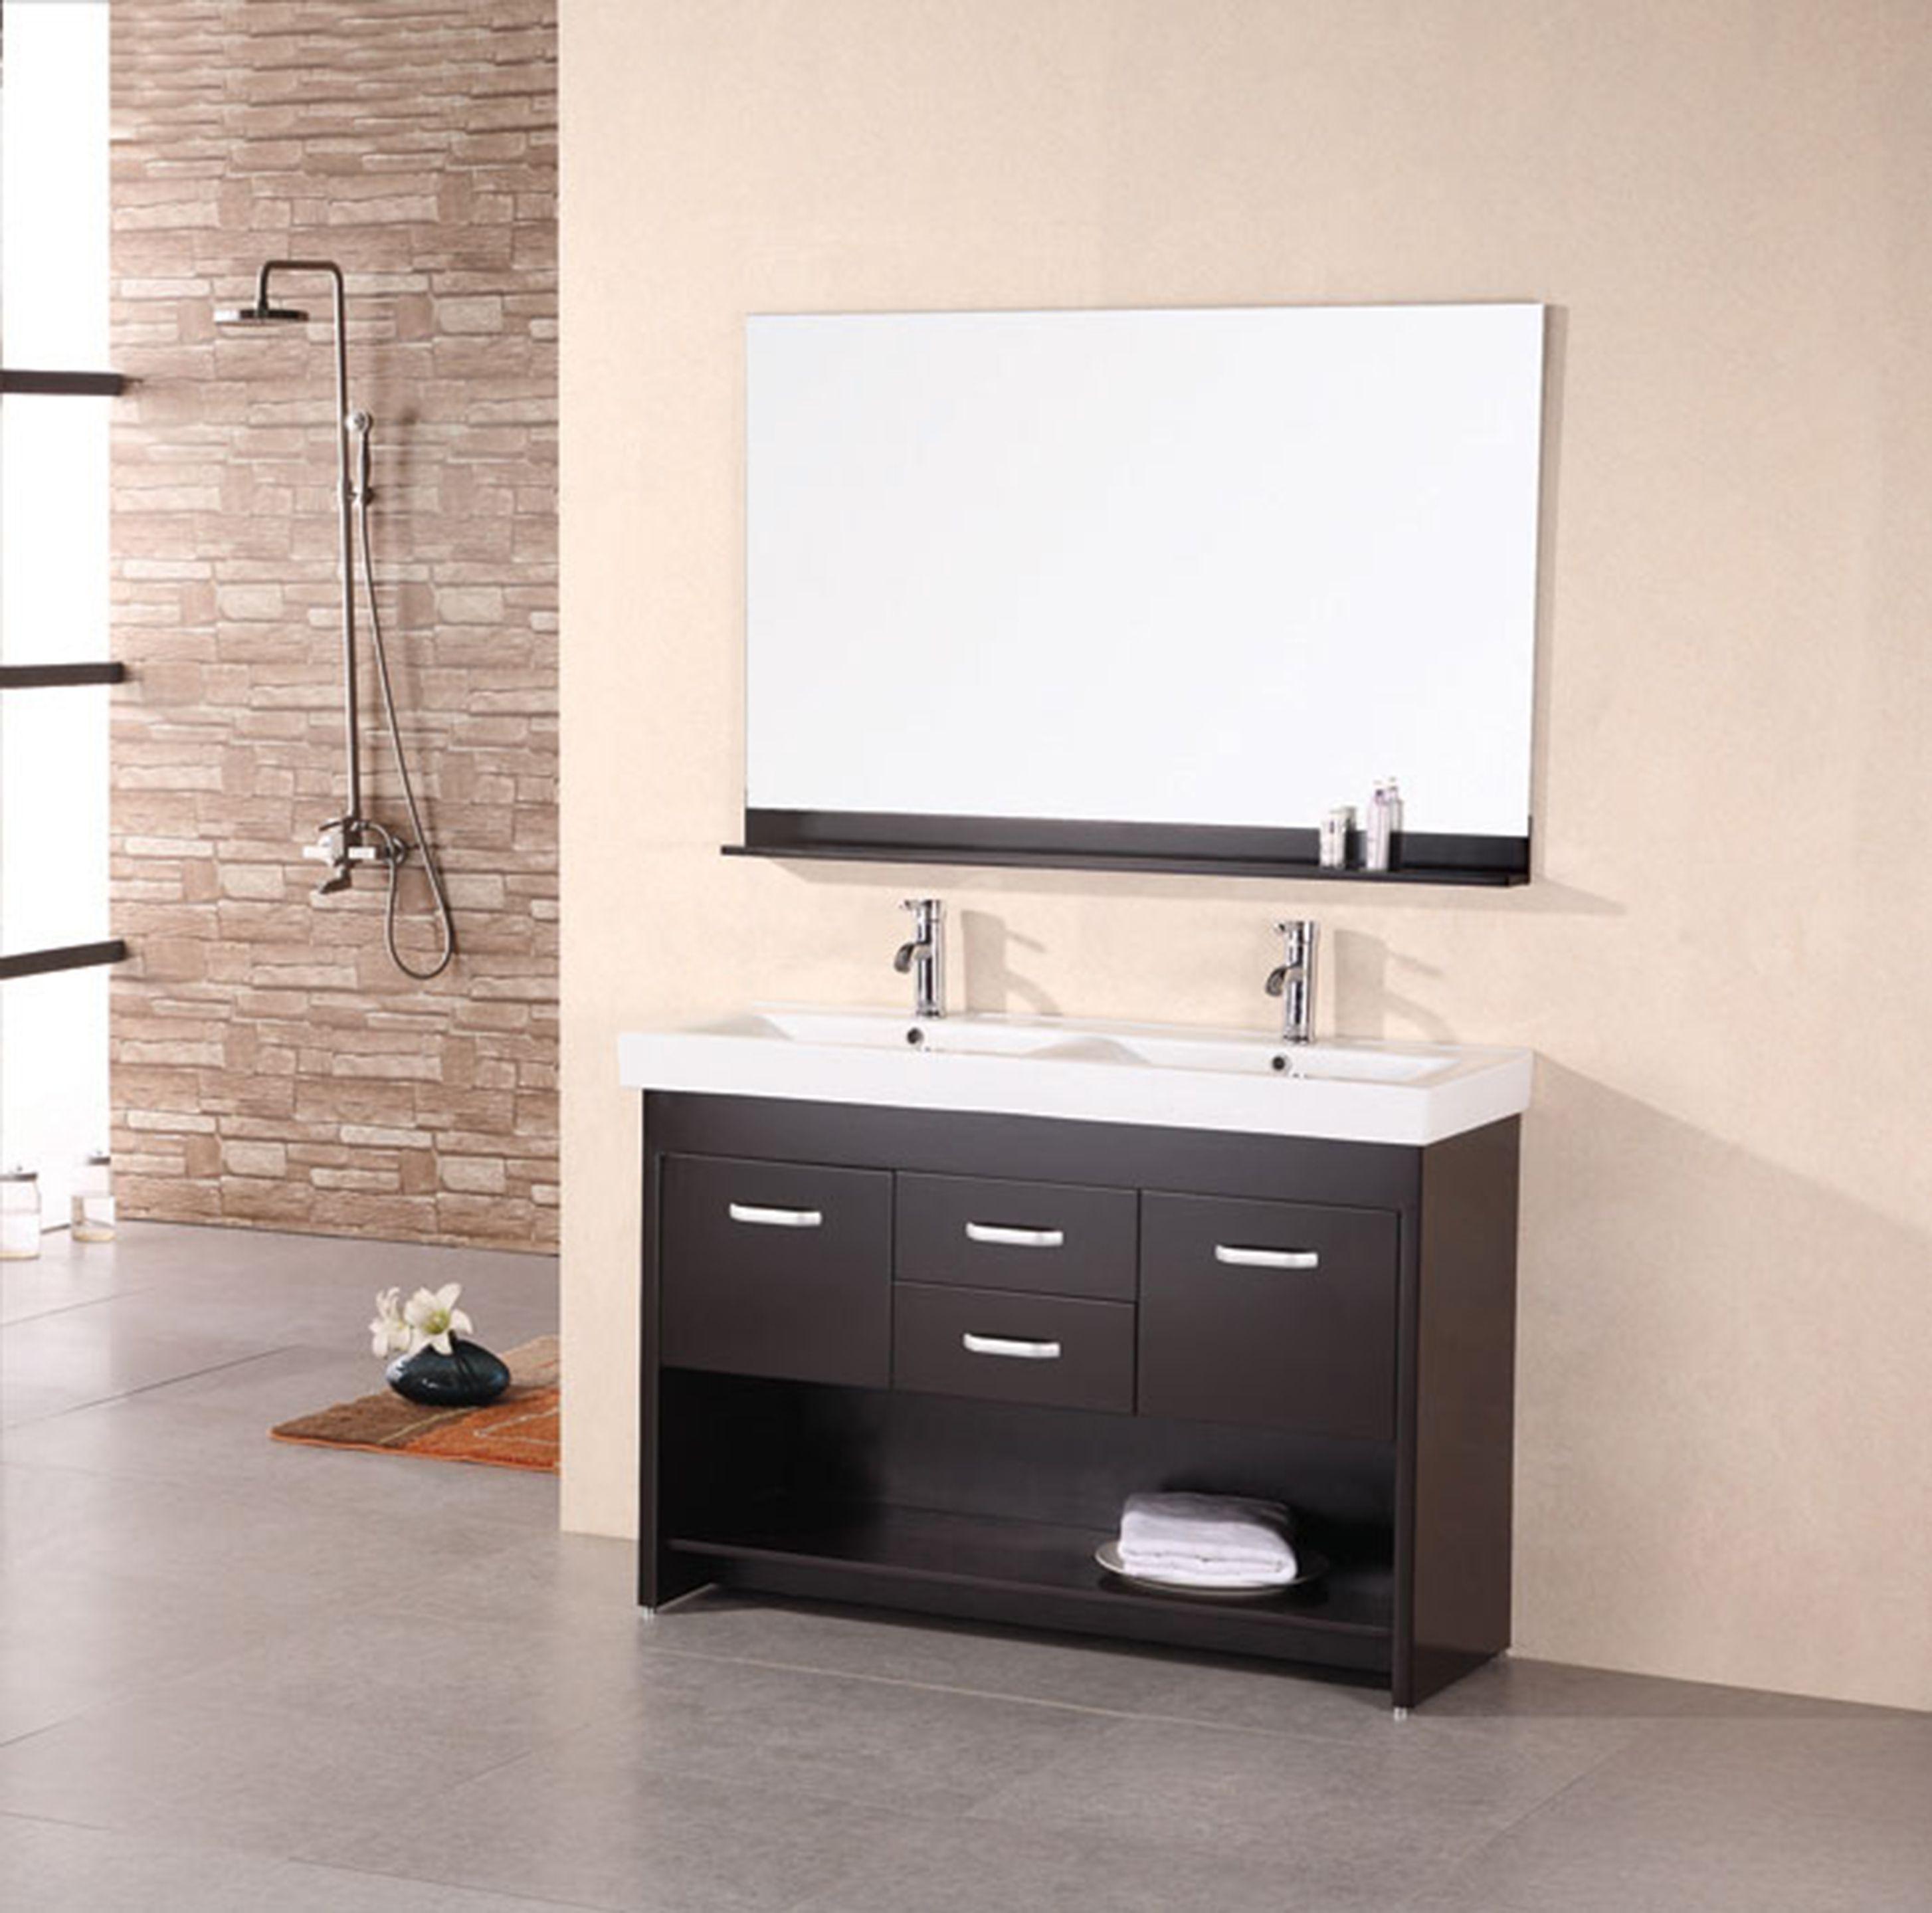 48 Double Sink Vanity Set In Espresso Dec074 Citrus